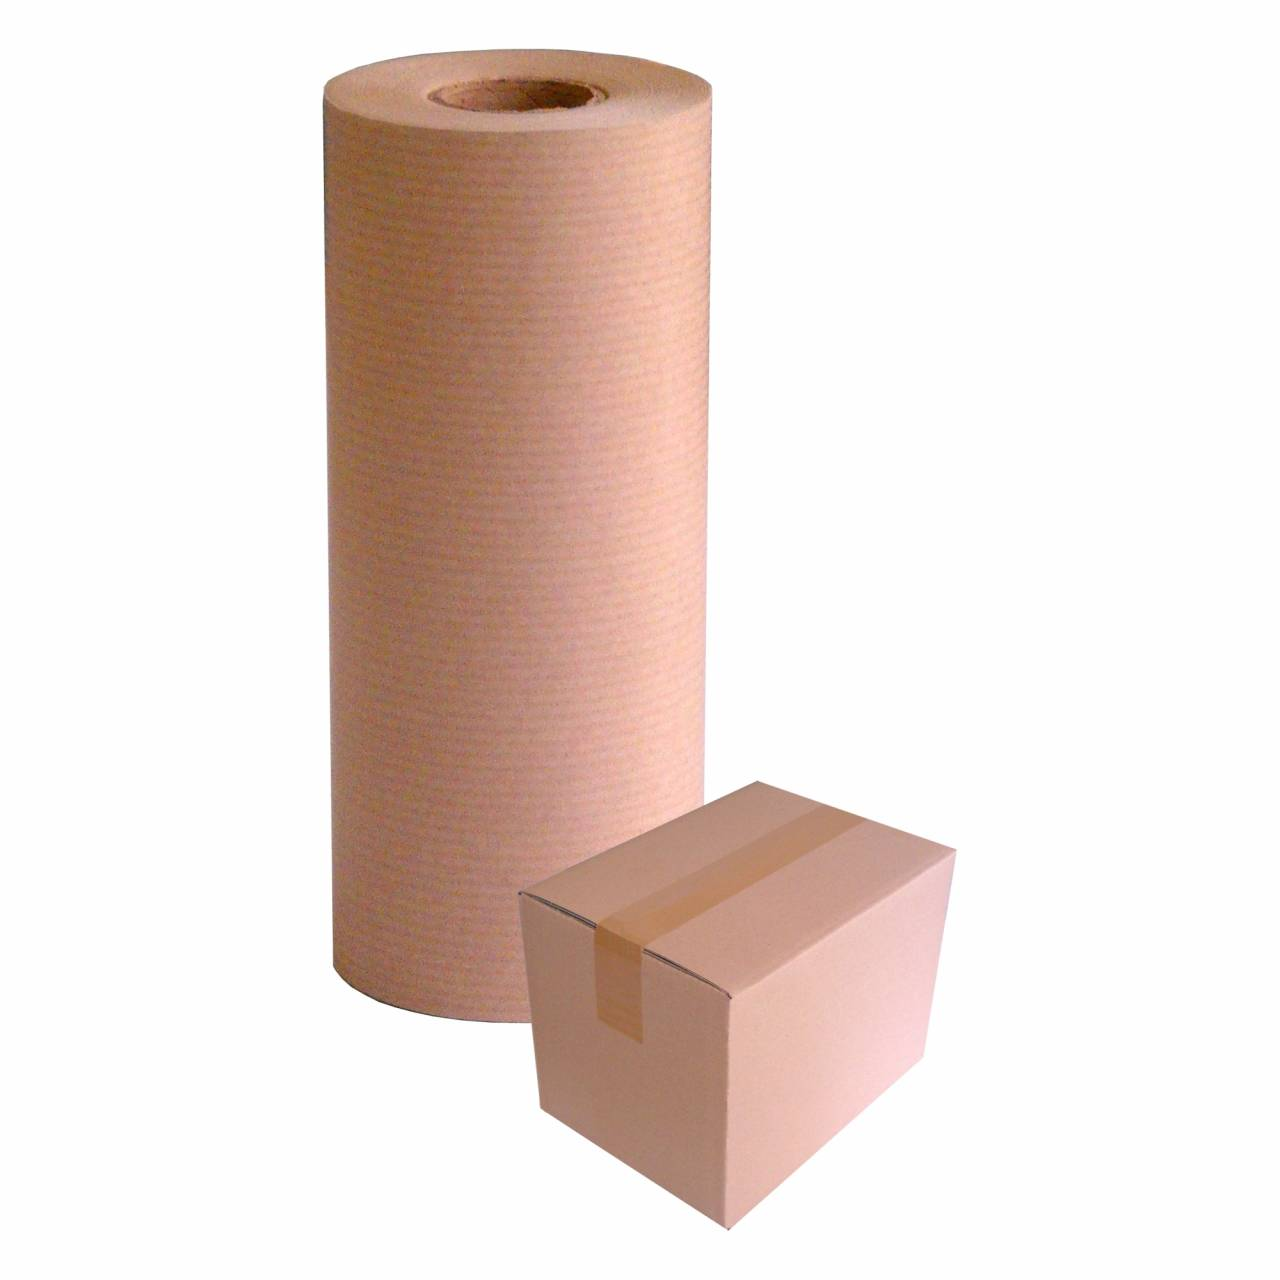 Abdeckpapier, 225 mm x 50 m / Krt a 15 Rollen